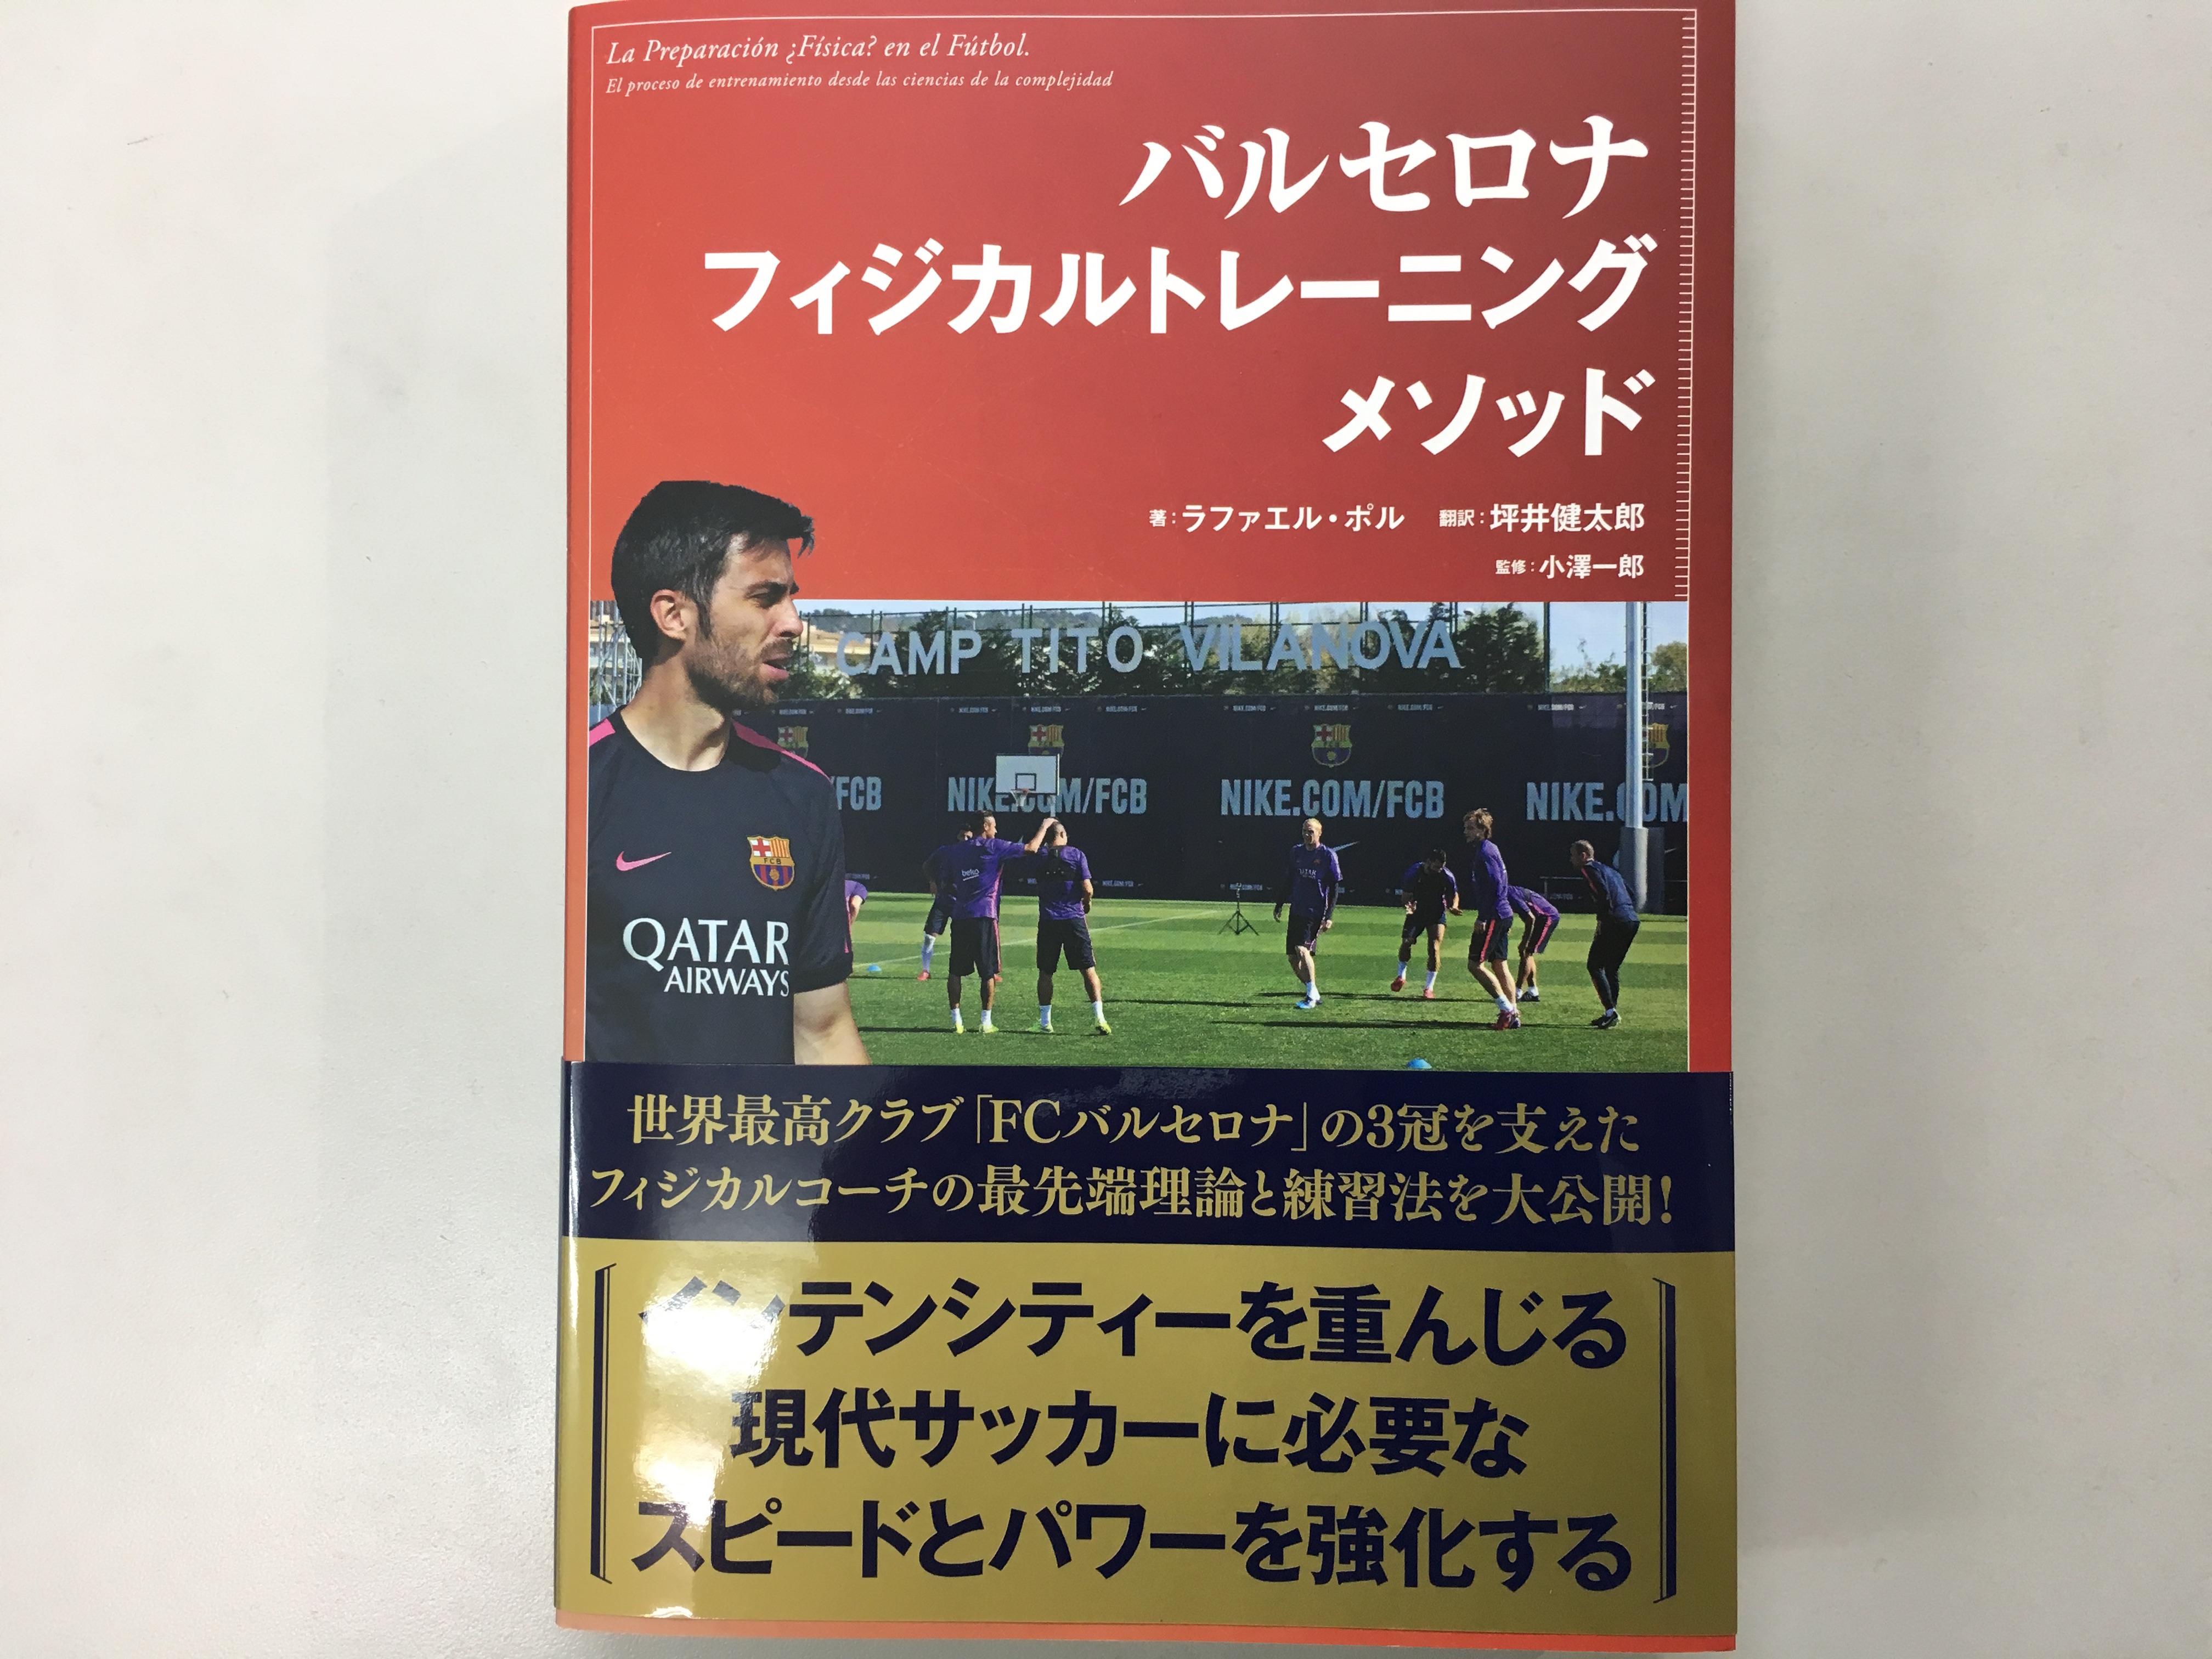 書籍発売!「バルセロナフィジカルトレーニングメソッド」 スーパーバイザー坪井健太郎氏が翻訳しています